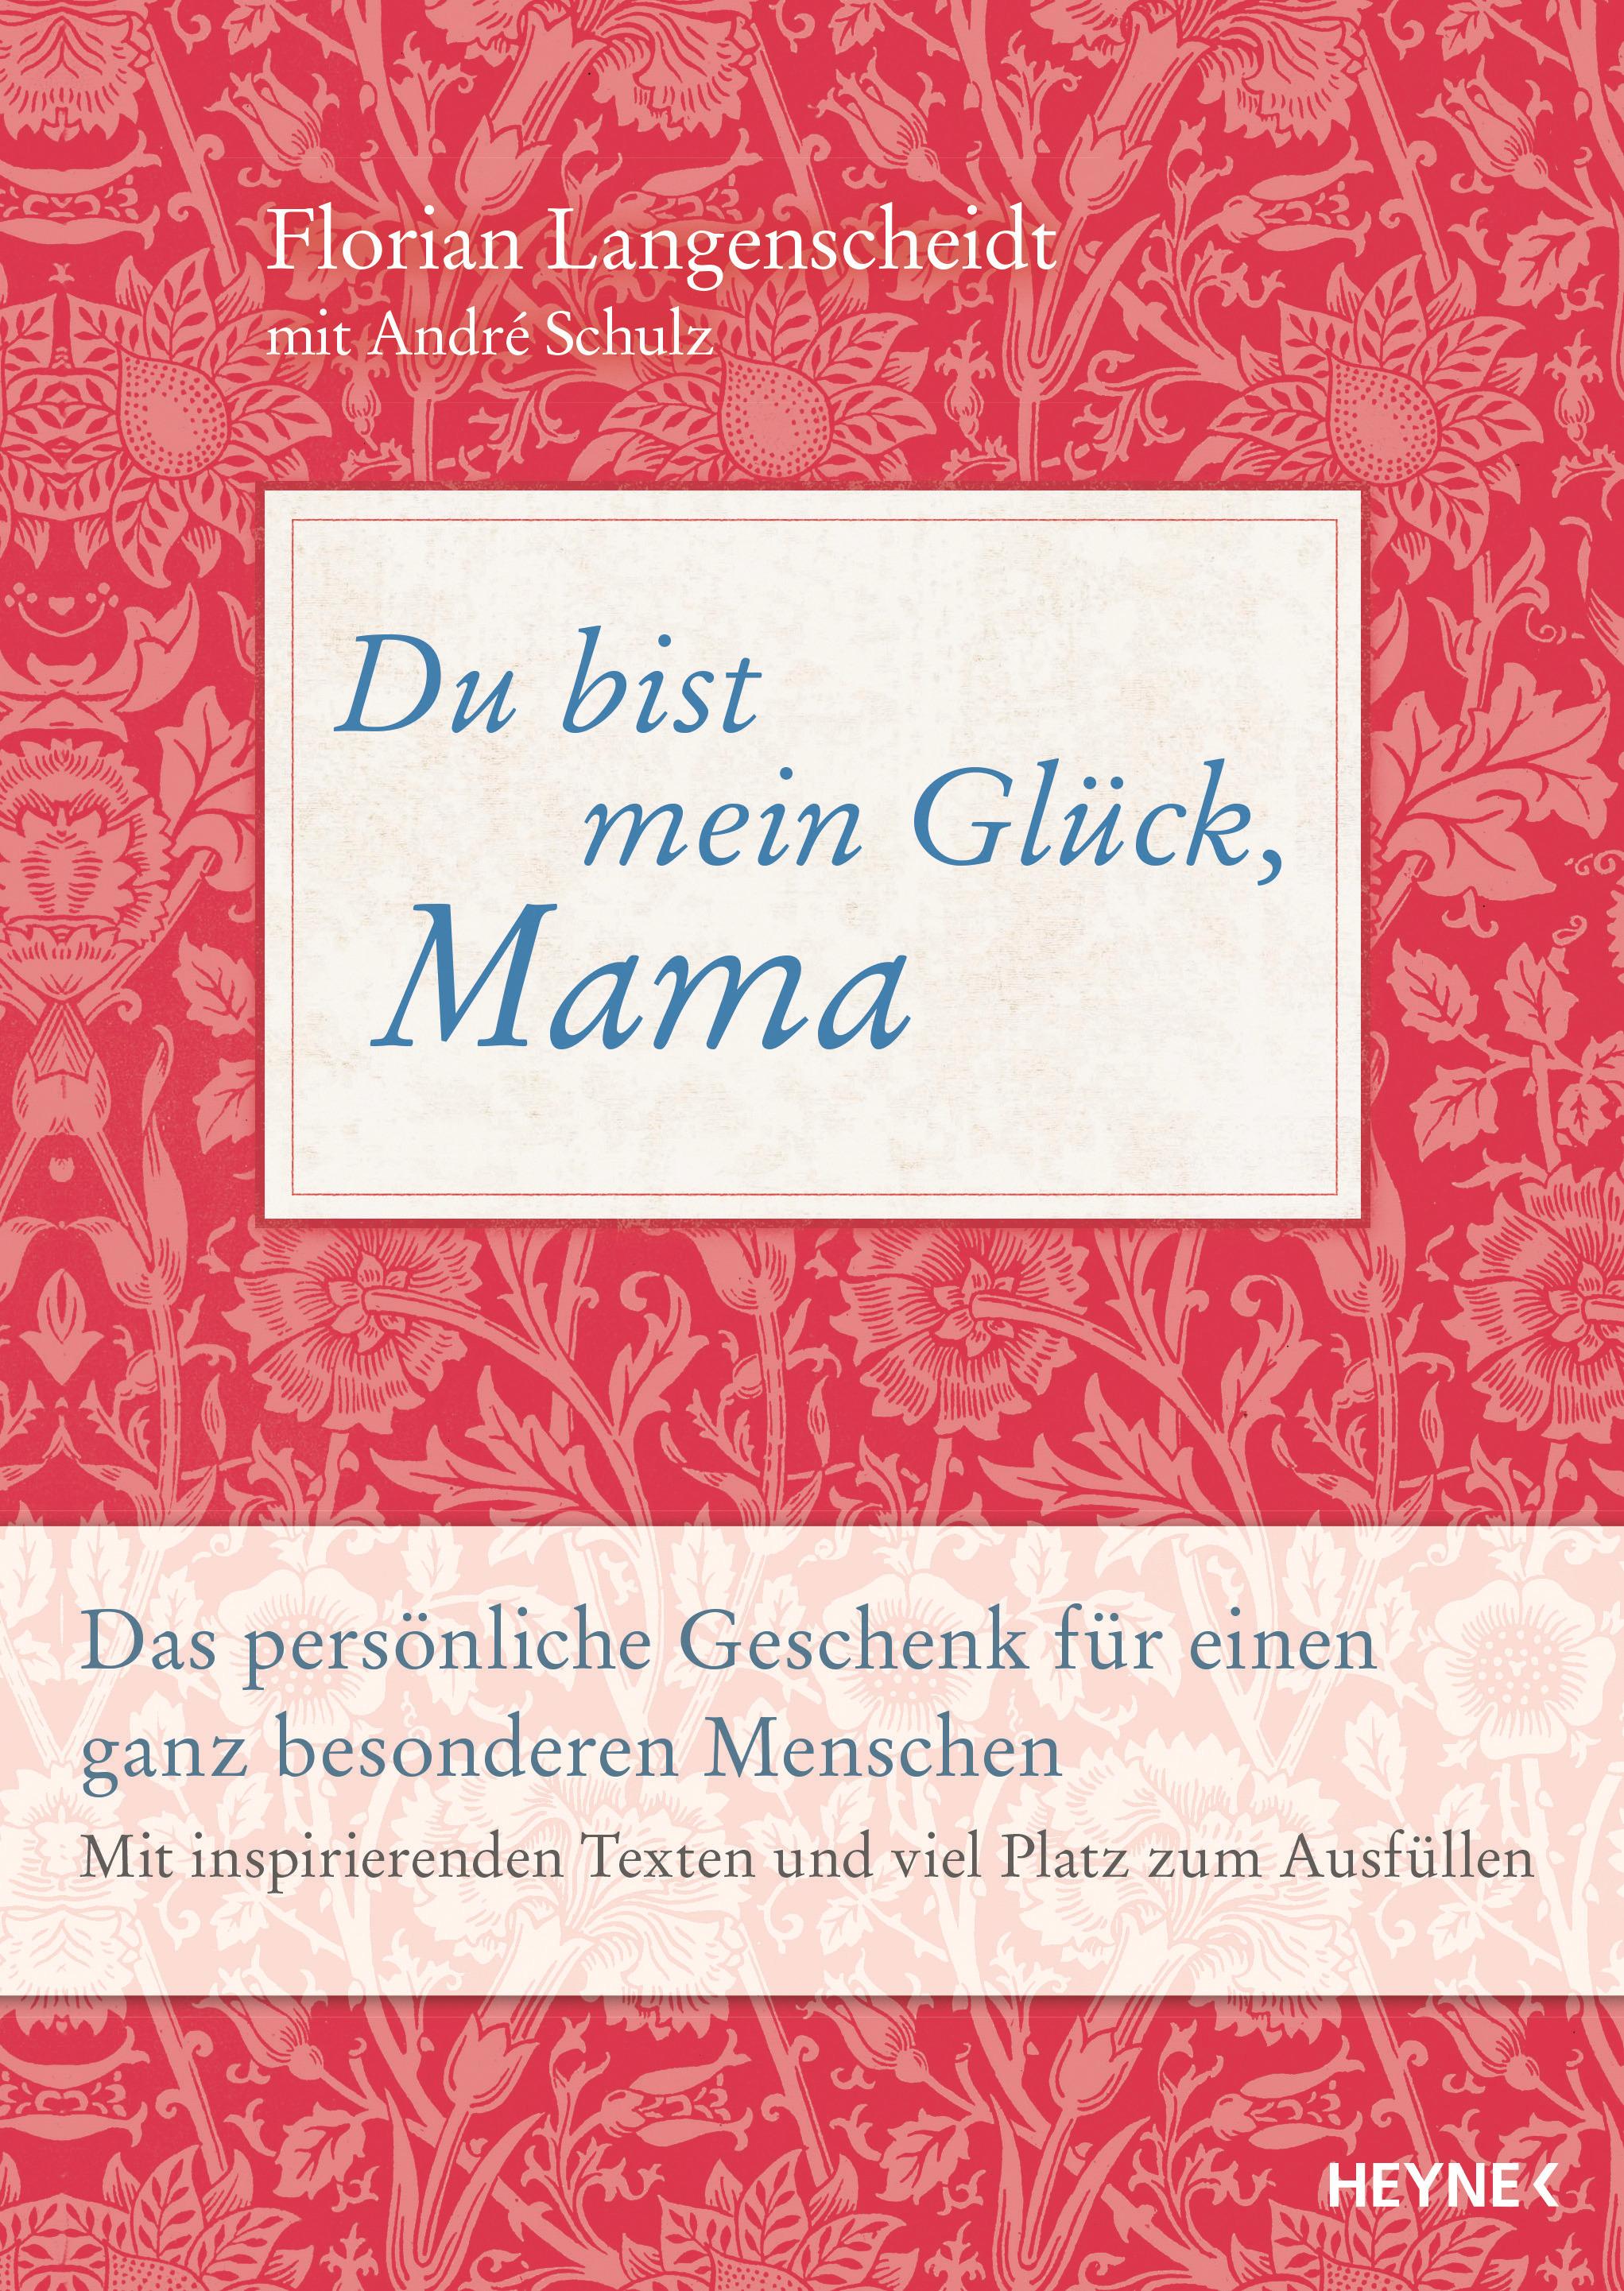 [Werbung] Du bist mein Glück, Mama – Florian Langenscheidt